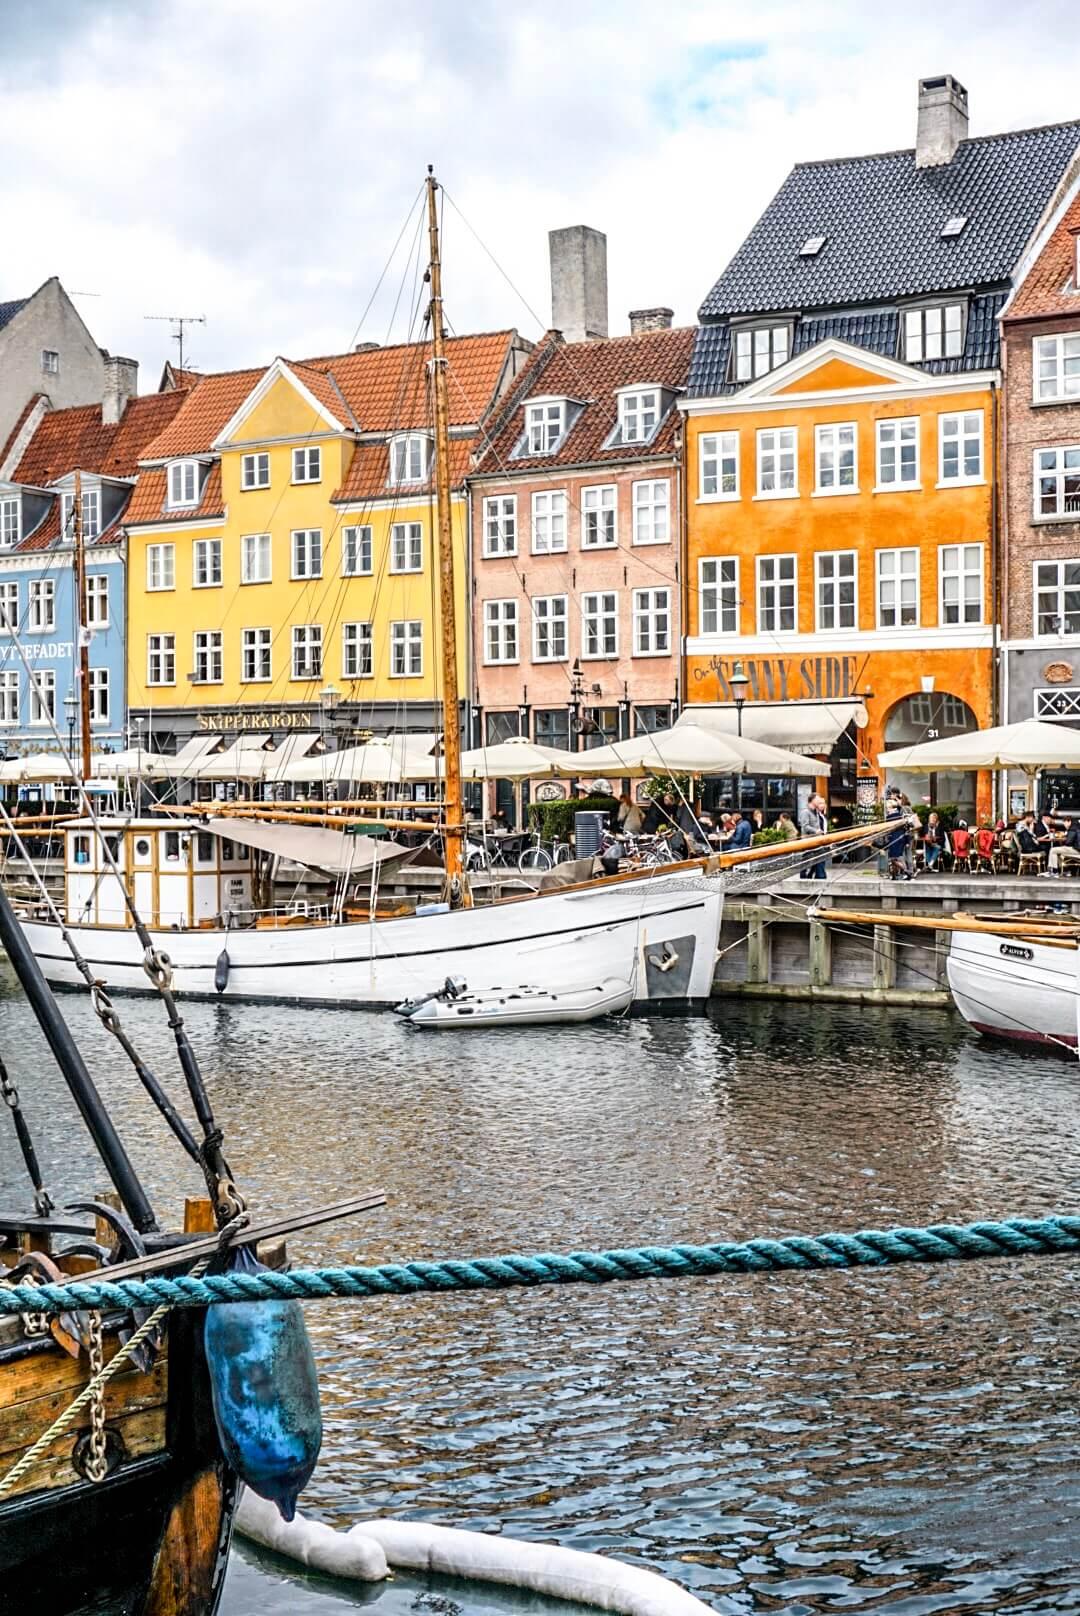 visiter maisons colorées quai copenhague vieux port